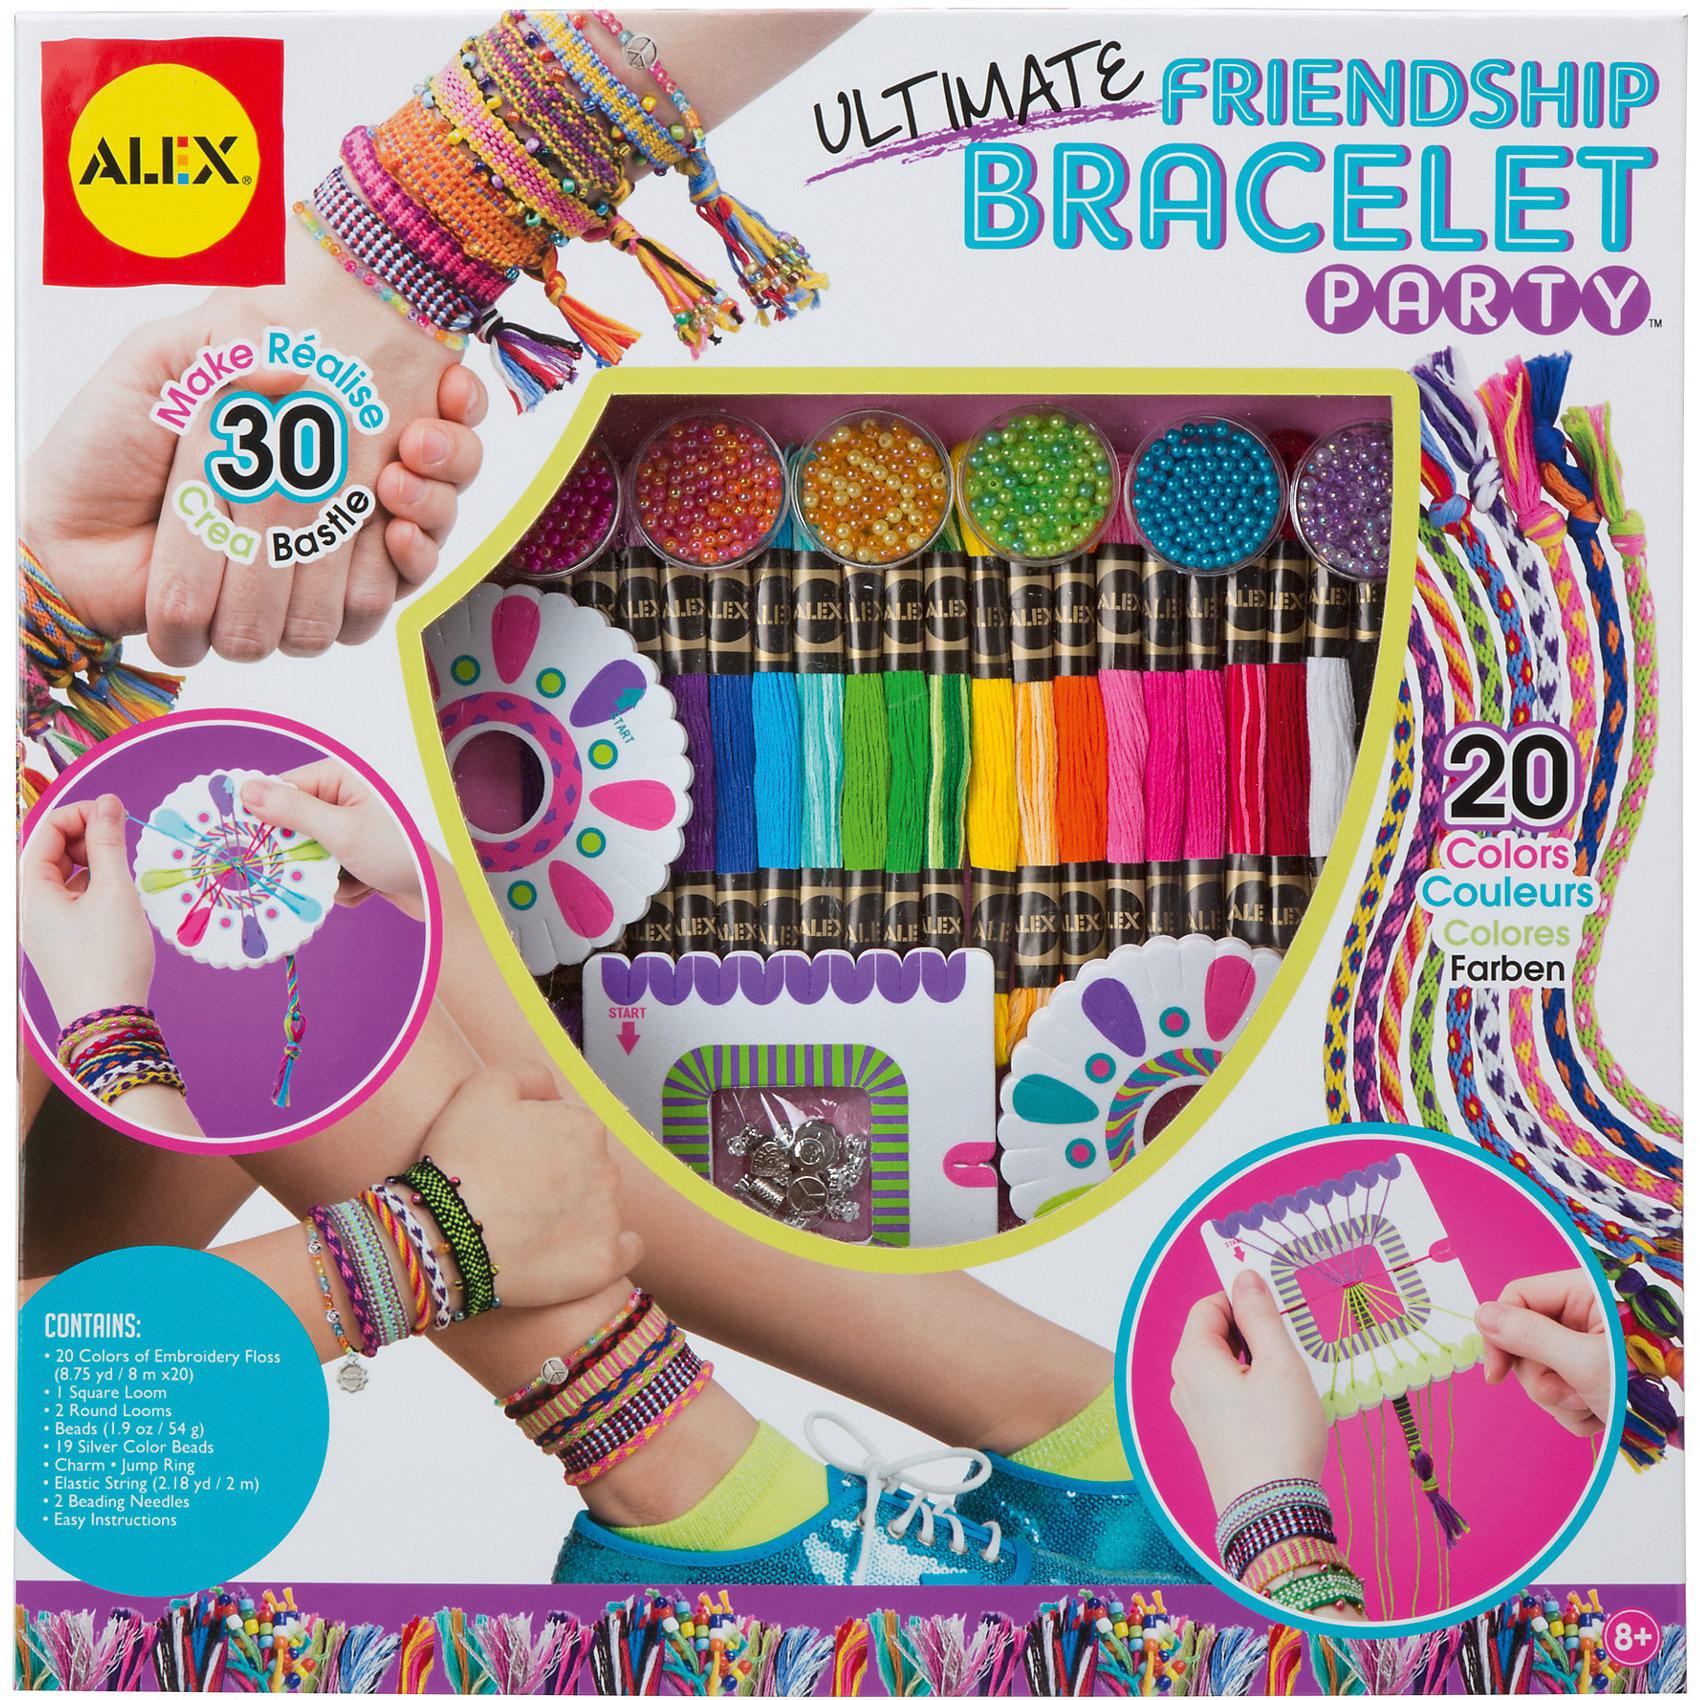 Большой набор для плетения браслетов Друзья, ALEXНаборы для создания украшений<br>Большой набор для плетения браслетов Друзья, ALEX (АЛЕКС) - этот набор позволит создать неповторимые модные браслеты.<br>Большой набор для плетения браслетов Друзья от ALEX (АЛЕКС) приведет в восторг маленьких модниц. С помощью набора девочка сможет самостоятельно создать 30 фенечек-браслетов. Входящие в набор разноцветные нитки, бисер, бусины серебряного цвета, металлические подвески, эластичная нить позволят ребенку сплести браслеты согласно инструкции или придумывая их самостоятельно. Модные аксессуары дополнят образ ребенка, ну а носить украшения, сделанные своими руками, будет вдвойне приятнее. Занятия с творческими наборами прекрасно развивают мелкую моторику, любовь к рукоделию, фантазию и воображение ребенка. Набор продается в красочной упаковке и прекрасно подходит в качестве подарка. Все составляющие набора изготовлены из высококачественных и безопасных для ребенка материалов.<br><br>Дополнительная информация:<br><br>- В наборе: нитки 20 цветов, бисер, бусины серебряного цвета, металлические подвески, эластичная нить, игла для бисера, инструкция<br>- Размеры упаковки: 39,4х6,4х39,4 см.<br>- Вес: 698 гр.<br><br>Большой набор для плетения браслетов Друзья, ALEX (АЛЕКС) можно купить в нашем интернет-магазине.<br><br>Ширина мм: 394<br>Глубина мм: 64<br>Высота мм: 394<br>Вес г: 698<br>Возраст от месяцев: 96<br>Возраст до месяцев: 144<br>Пол: Женский<br>Возраст: Детский<br>SKU: 4556957